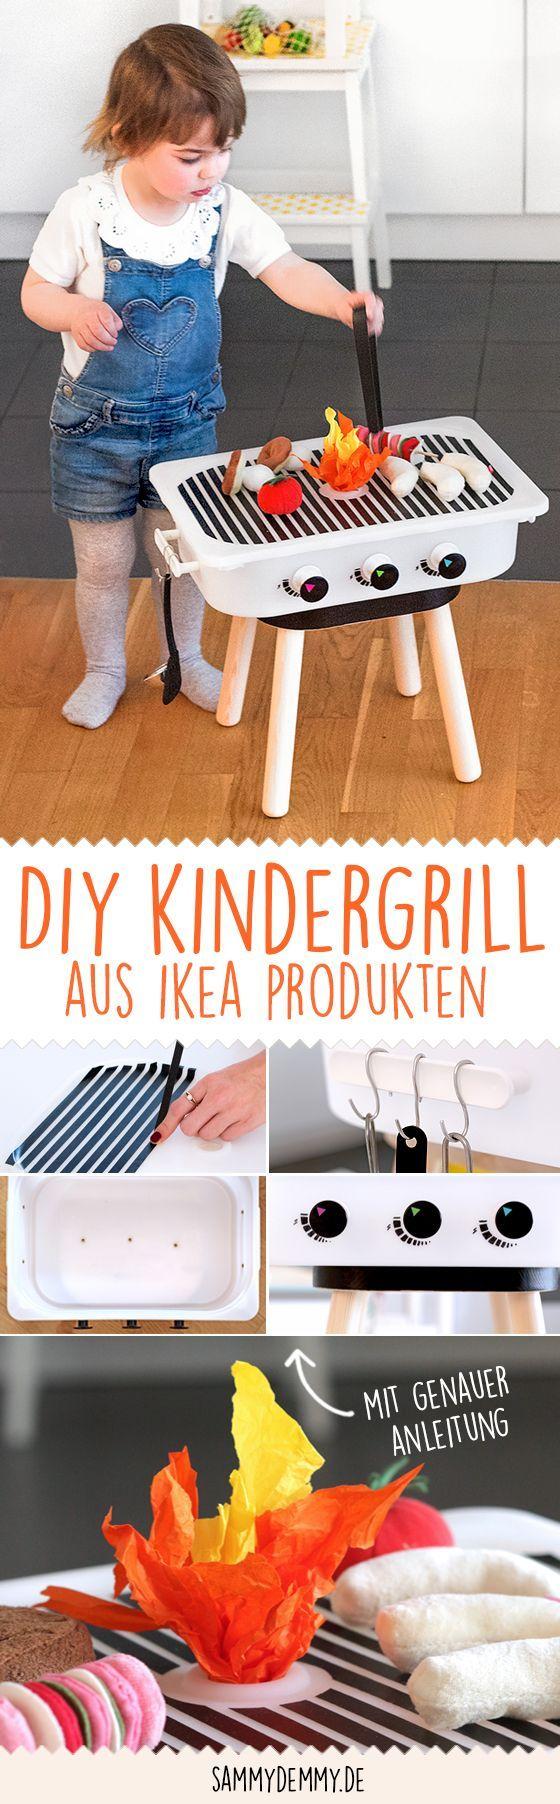 Photo of Excitement, play and summer fun at IKEA Sindelfingen • www.sammydemmy.de